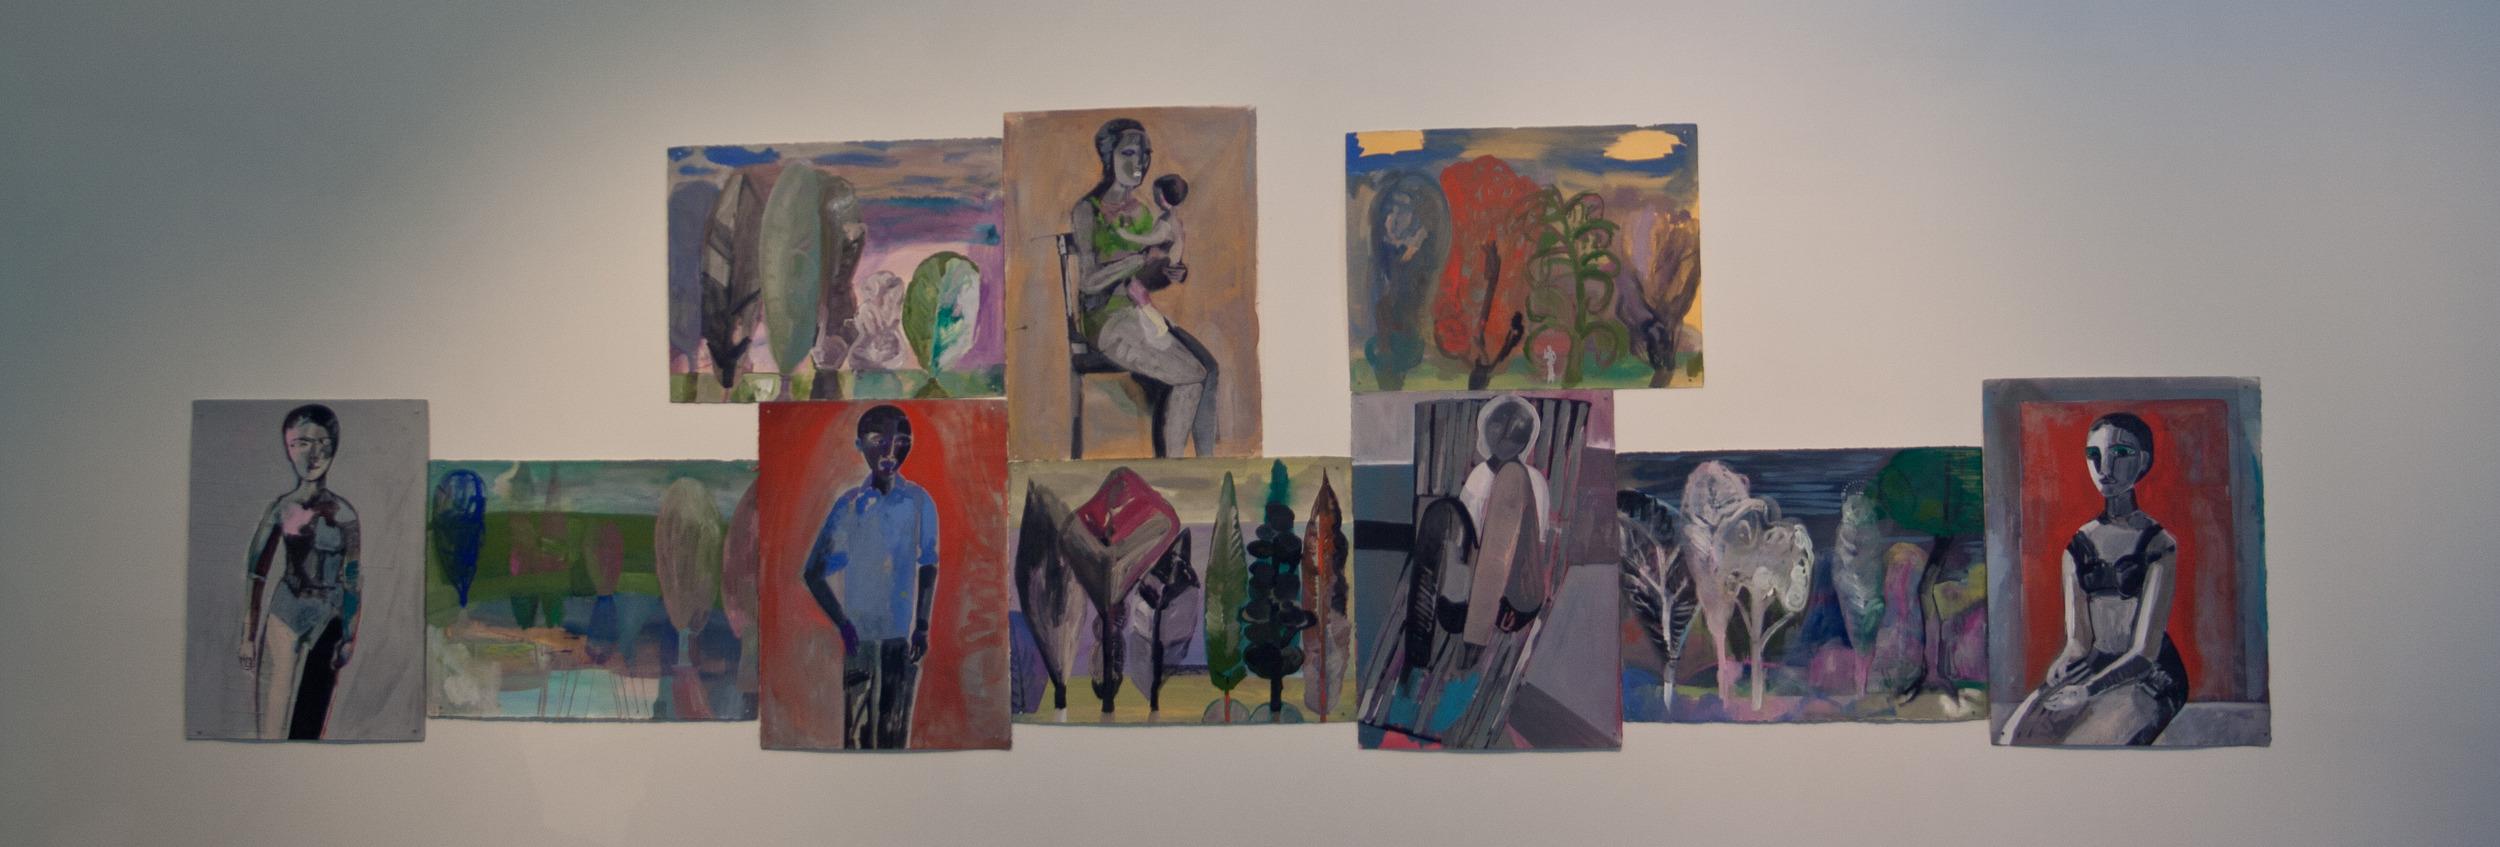 Installation of Karen Barbour paintings in Cannonball Run III at Zeitgeist, 2014